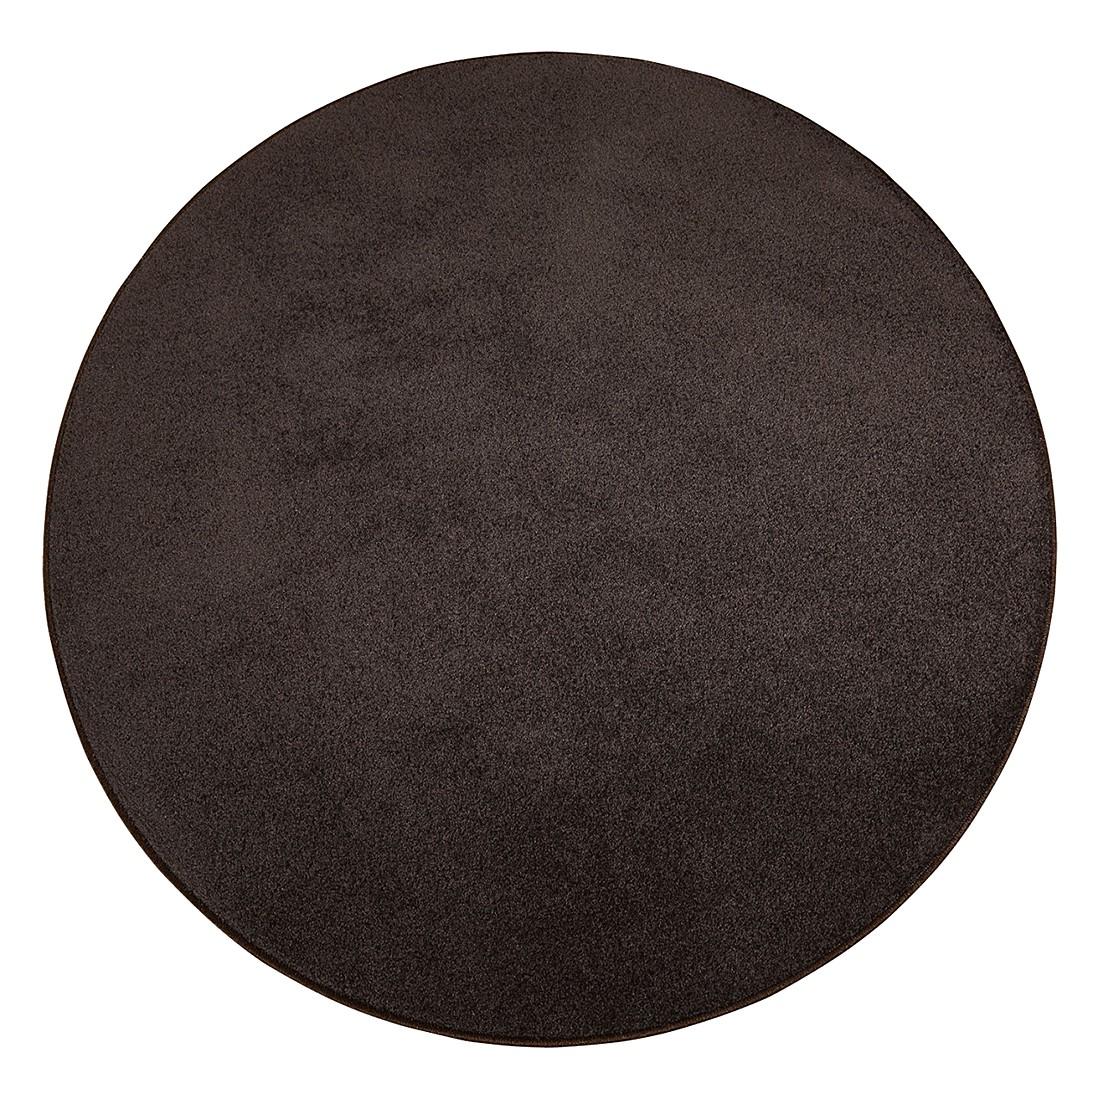 teppich burbon schoko durchmesser 100 cm testil g nstig bestellen. Black Bedroom Furniture Sets. Home Design Ideas